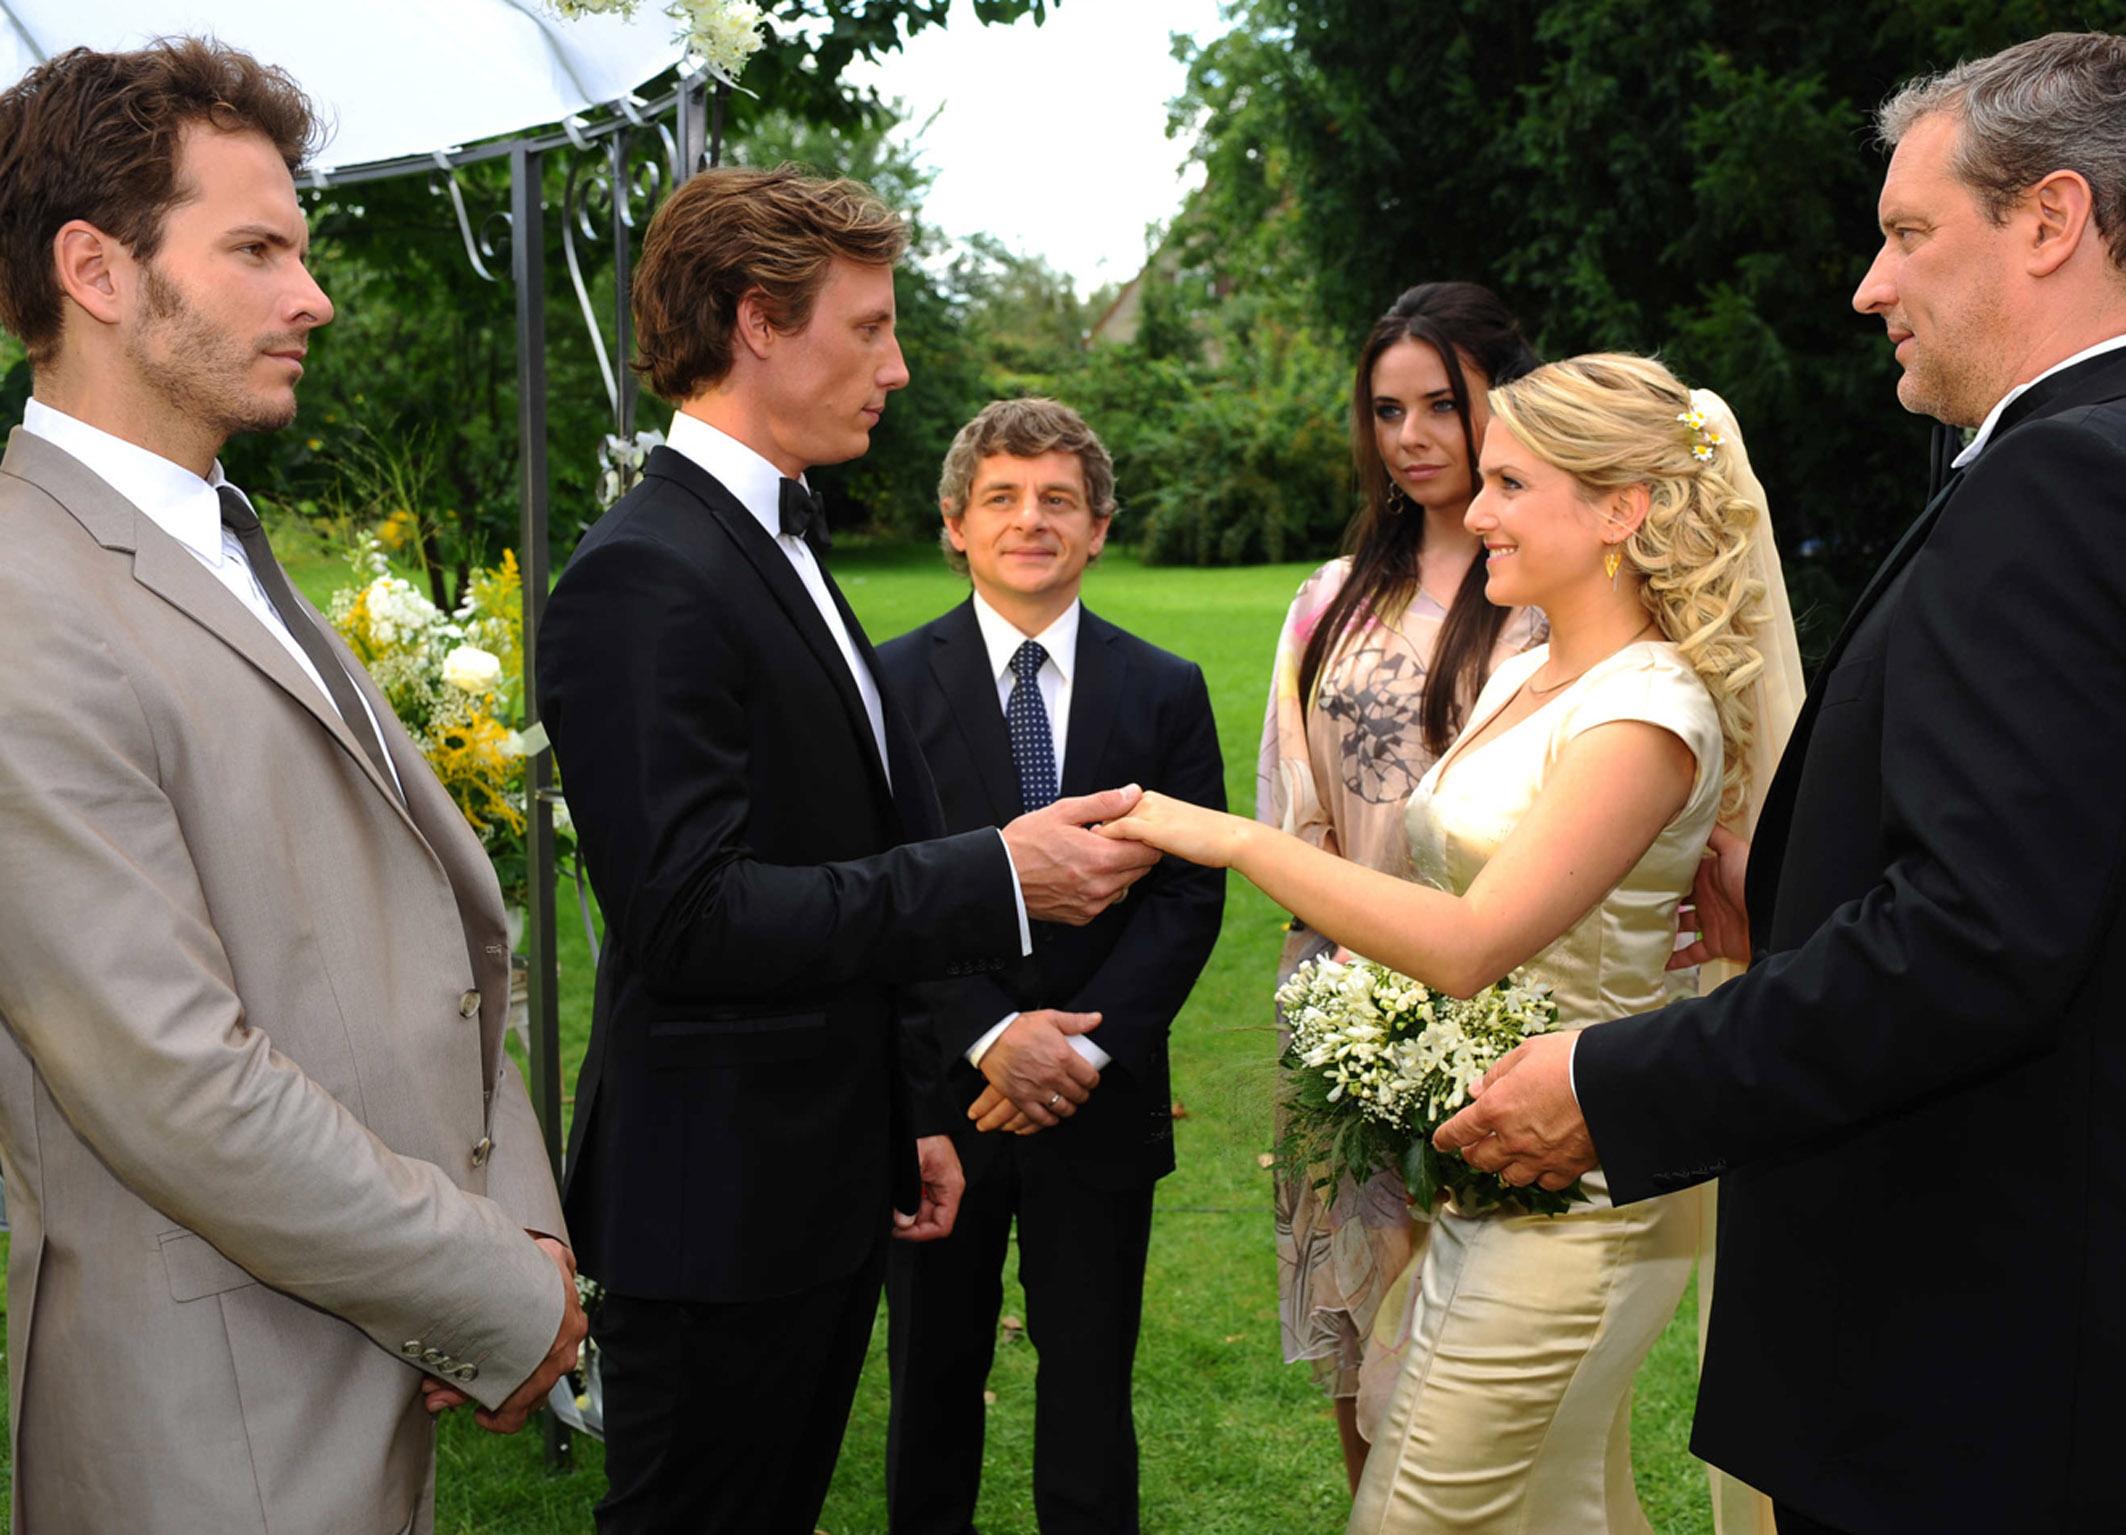 Sat eins heiraten